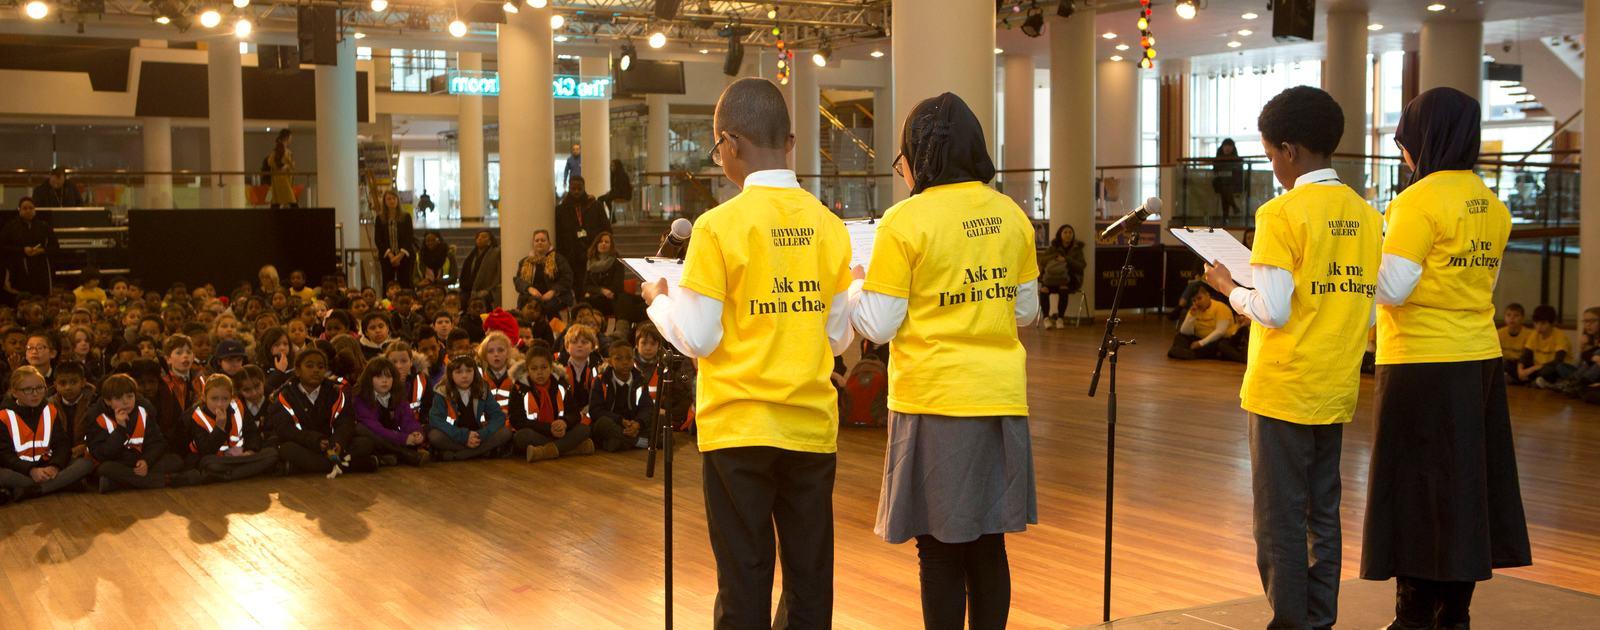 Children reading poetry for school children in Royal Festival Hall